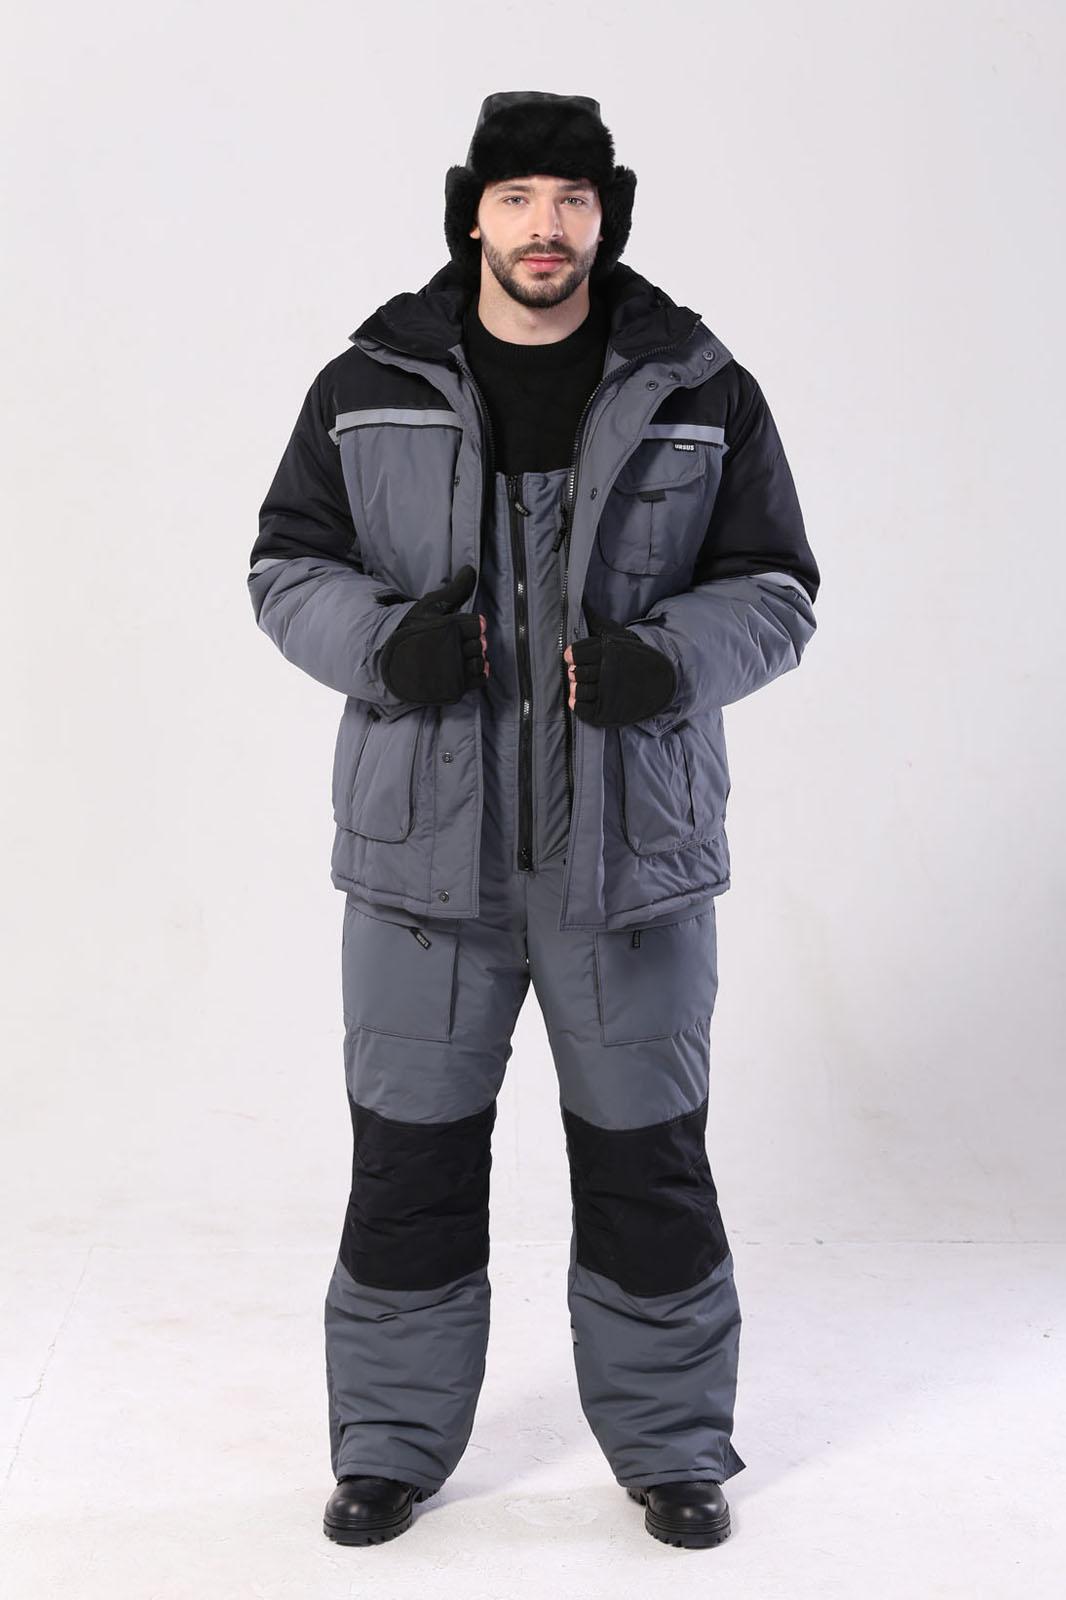 Костюм мужской Полюс (Термофайбер) зимний Костюмы утепленные<br>4 класс защиты. Куртка и полукомбинезон. <br>-отстёгивающая подстёжка куртки -нижние <br>накладные карманы куртки на молнии -трикотажные <br>напульсники на куртке -световозвращающие <br>полосы на стропе -планка куртки на потайных <br>кнопках -внутренняя планка, закрывающая <br>верхний край молнии -внутренний карман <br>для документов -регулировка объёма низа <br>куртки и капюшона -ветрозащитный пояс на <br>резинке -притачной капюшон на флисовой <br>подкладке -капюшон можно одевать на каску <br>-центральная двухзамковая молния на полукомбинезоне <br>-шлёвки под ремень -трикотажные вставки <br>в боковых швах полукомбинезона -объёмные <br>утеплённые карманы -усилительные накладки <br>полукомбинезона в области колена -регулировка <br>низа брюк по ширине<br><br>Пол: мужской<br>Размер: 60-62<br>Рост: 170-176<br>Сезон: зима<br>Материал: «Таслан» (100% полиэстер) пл. 135 г/м2, ВО